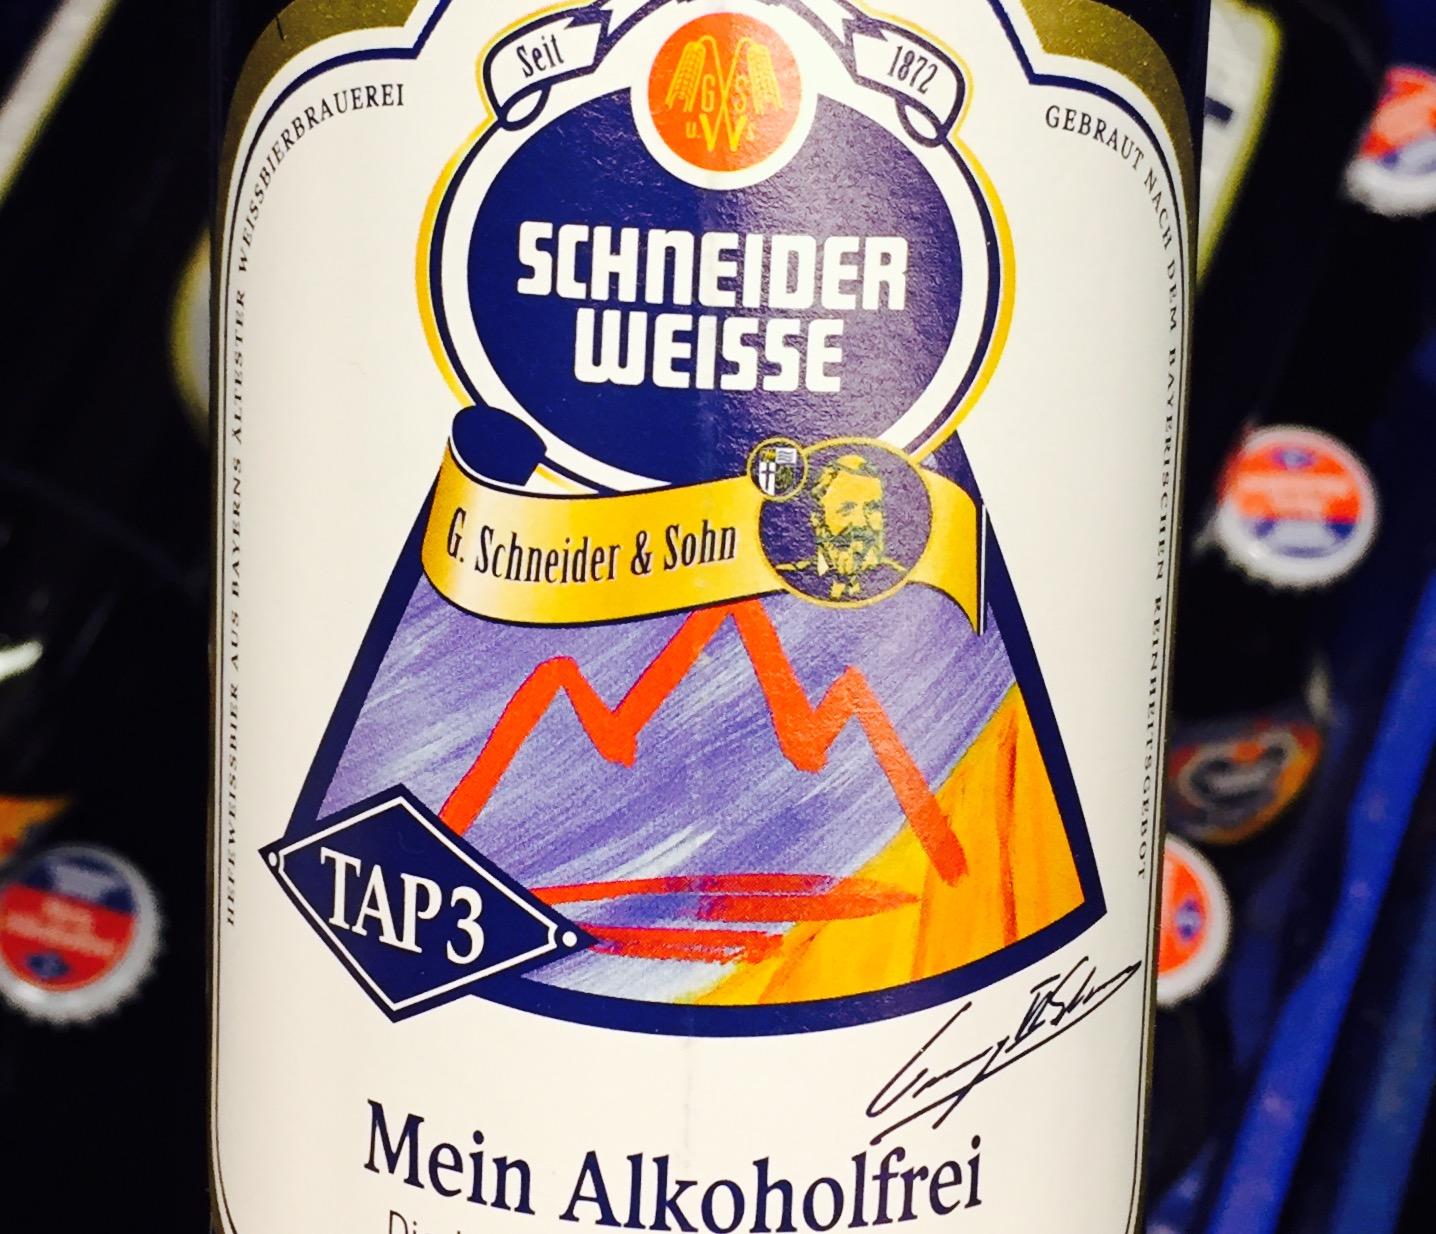 Schneider Weisse - TAP3 Mein Alkoholfreies